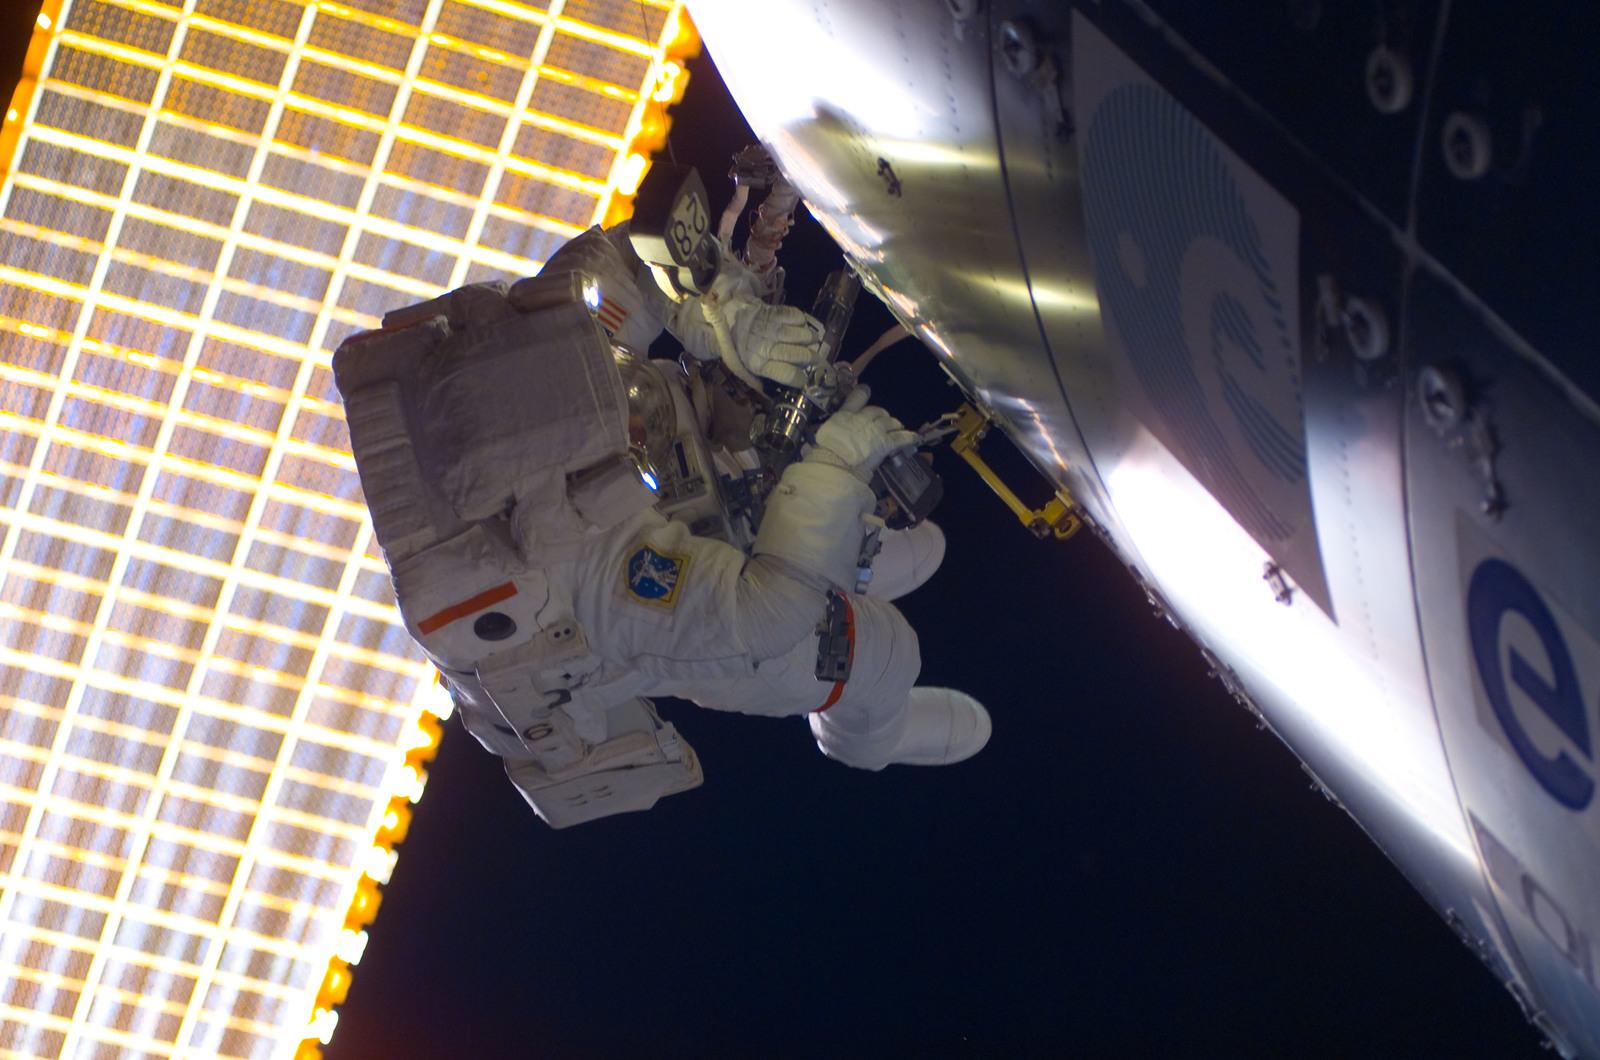 S122E008795 - STS-122 - Walheim during EVA 3